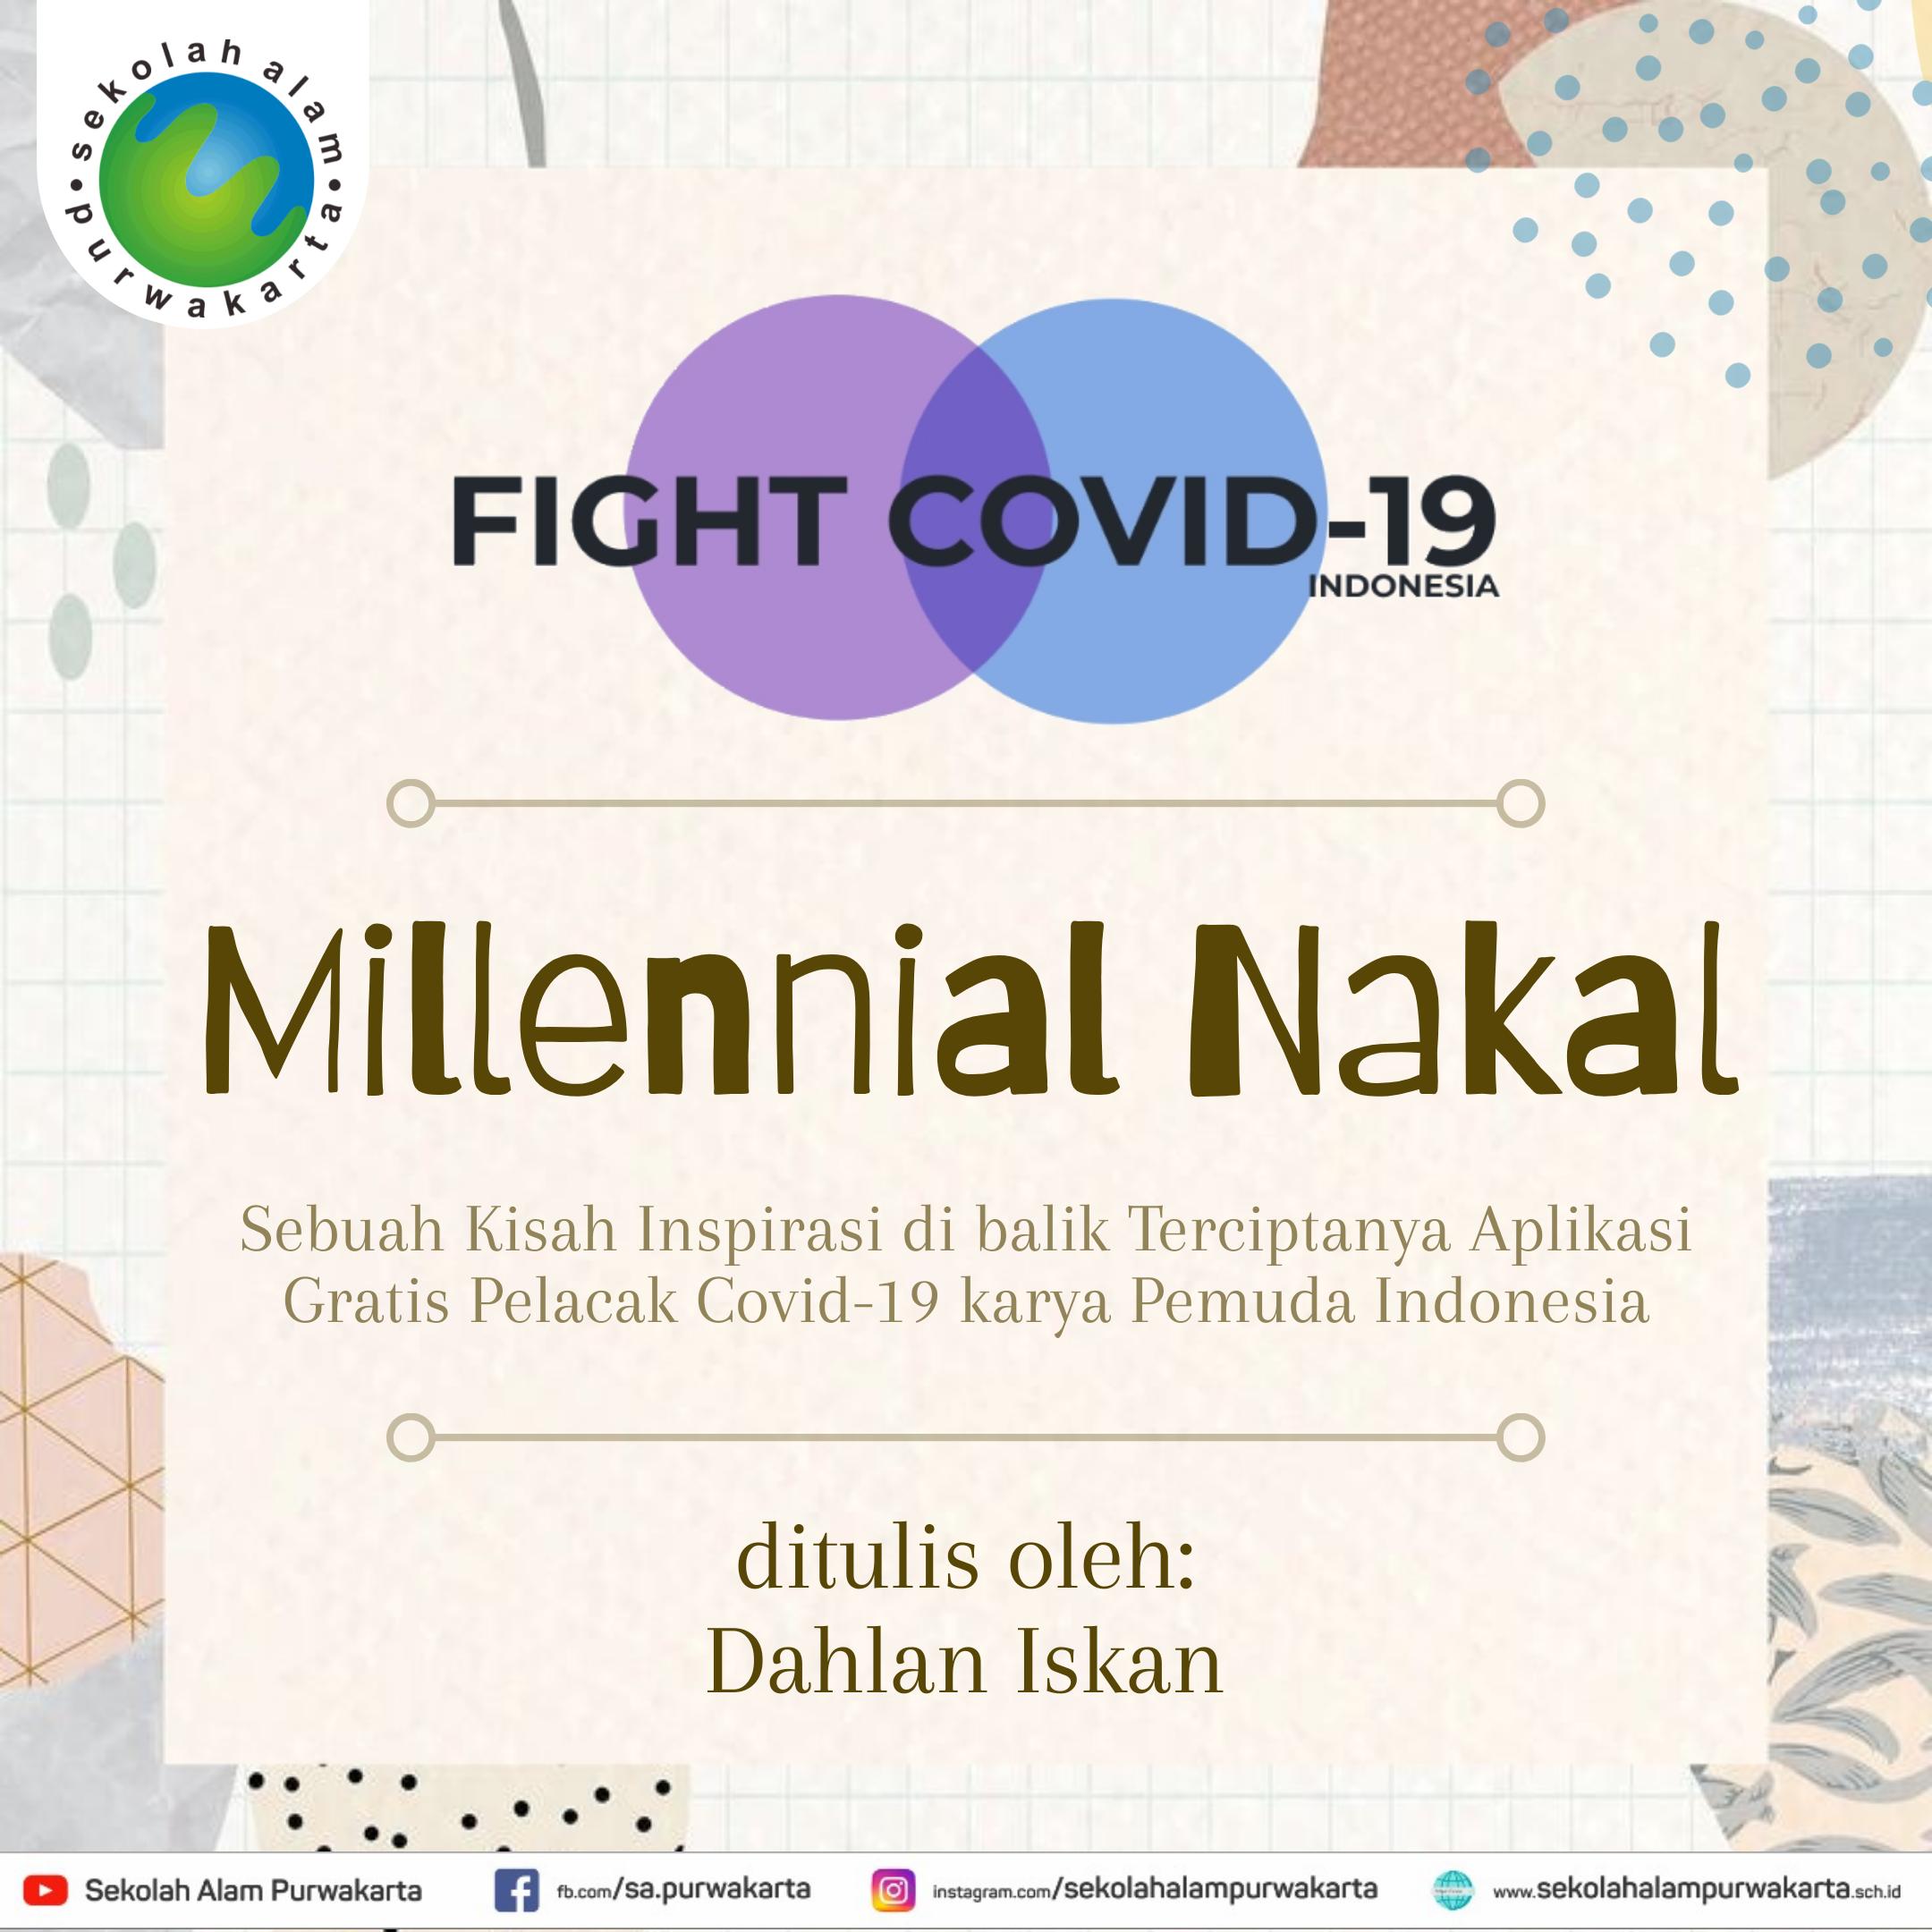 Millennial Nakal – sebuah kisah inspiratif pemuda Indonesia yang menciptakan  karya aplikasi gratis pelacak covid 19